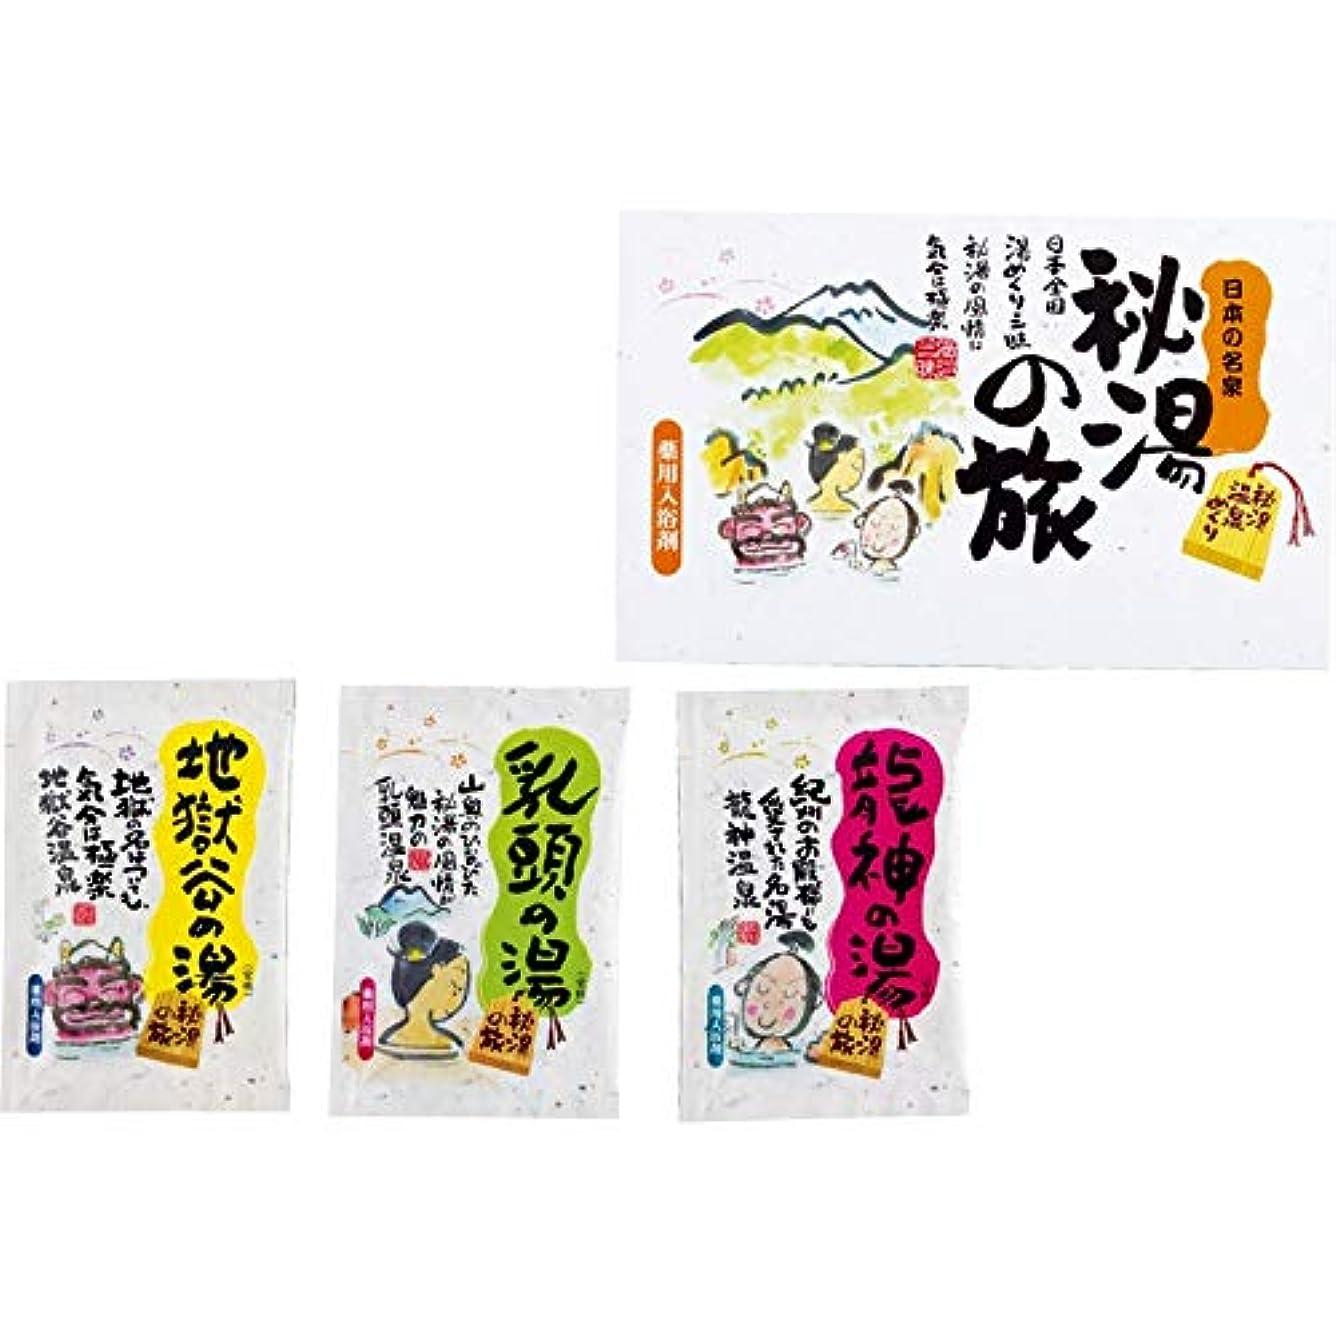 証拠子輸血薬用入浴剤秘湯の旅3P PH-3P 【日本製 国産 やくようにゅうよくざい ひとうのたび セットせっと 3個 お風呂 おふろ 温泉気分 おんせんきぶん】